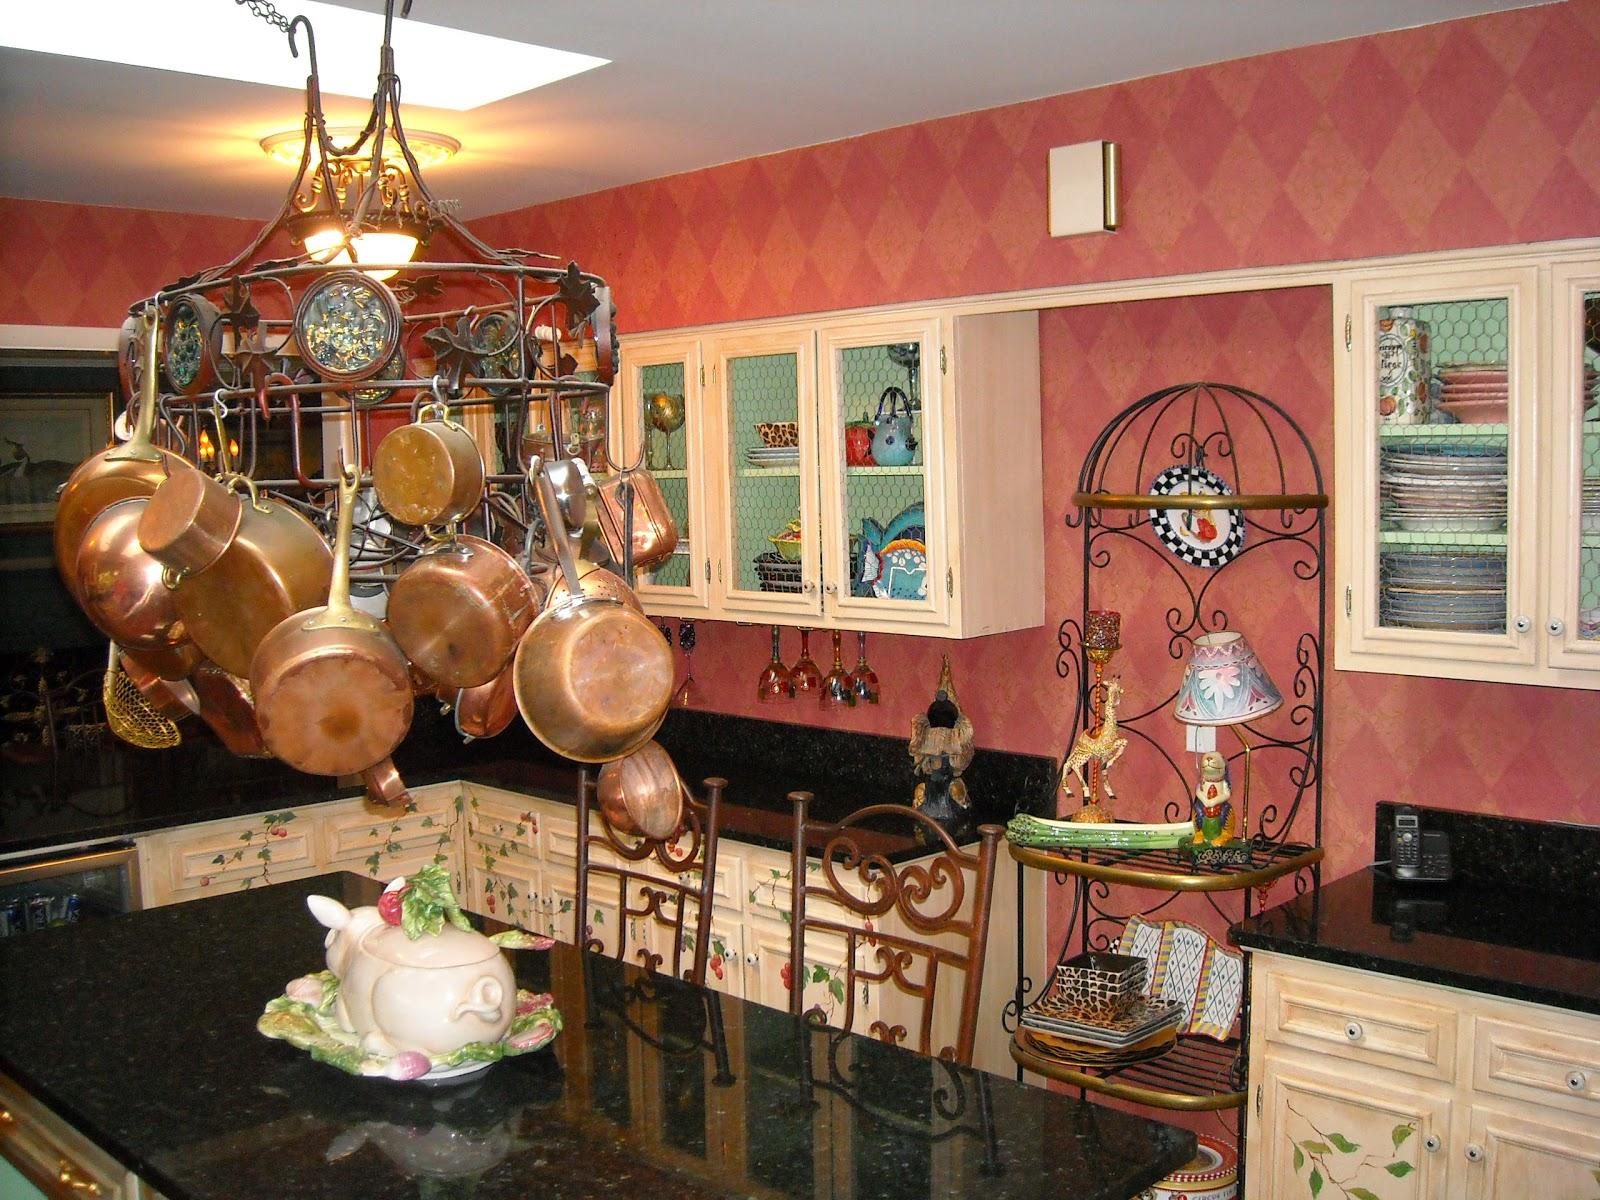 http://1.bp.blogspot.com/-4JfdolY0wsA/TwM-5uoaNnI/AAAAAAAAAd0/siUuRsKeQi0/s1600/house+pics+012.jpg